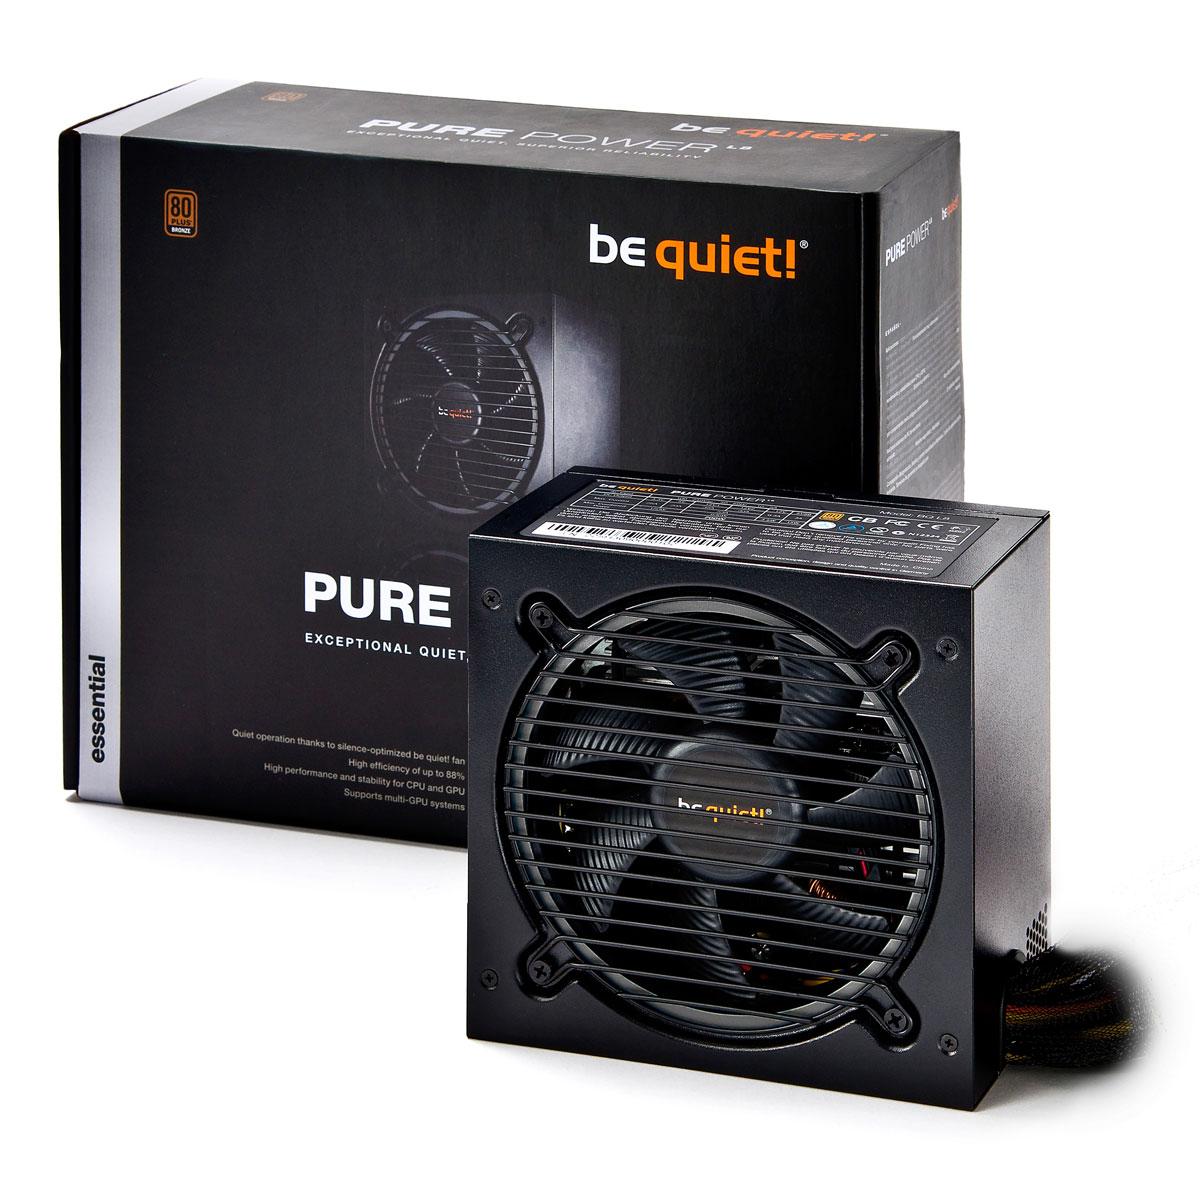 Alimentation PC be quiet! Pure Power L8 350W 80PLUS Bronze Alimentation 350W ATX 12V 2.4 / EPS 12V 2.92 (Garantie 3 ans constructeur) - 80PLUS Bronze